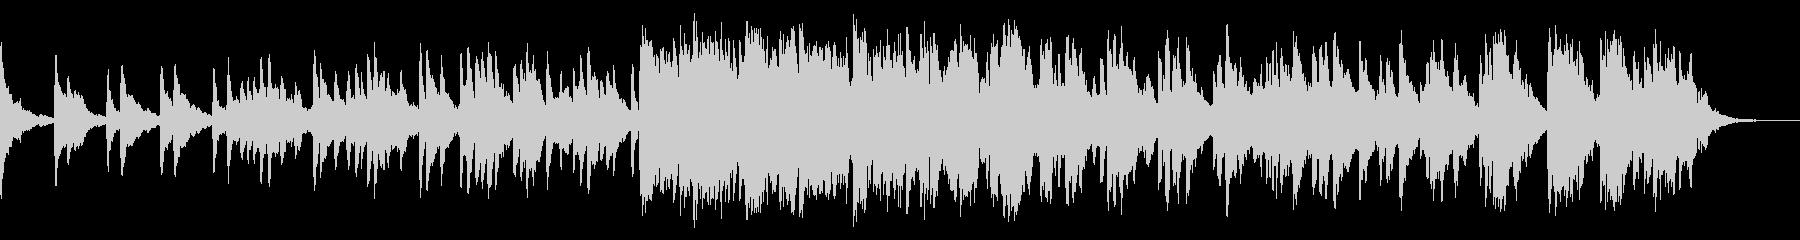 ピアノ ヒーリング 眠り の未再生の波形